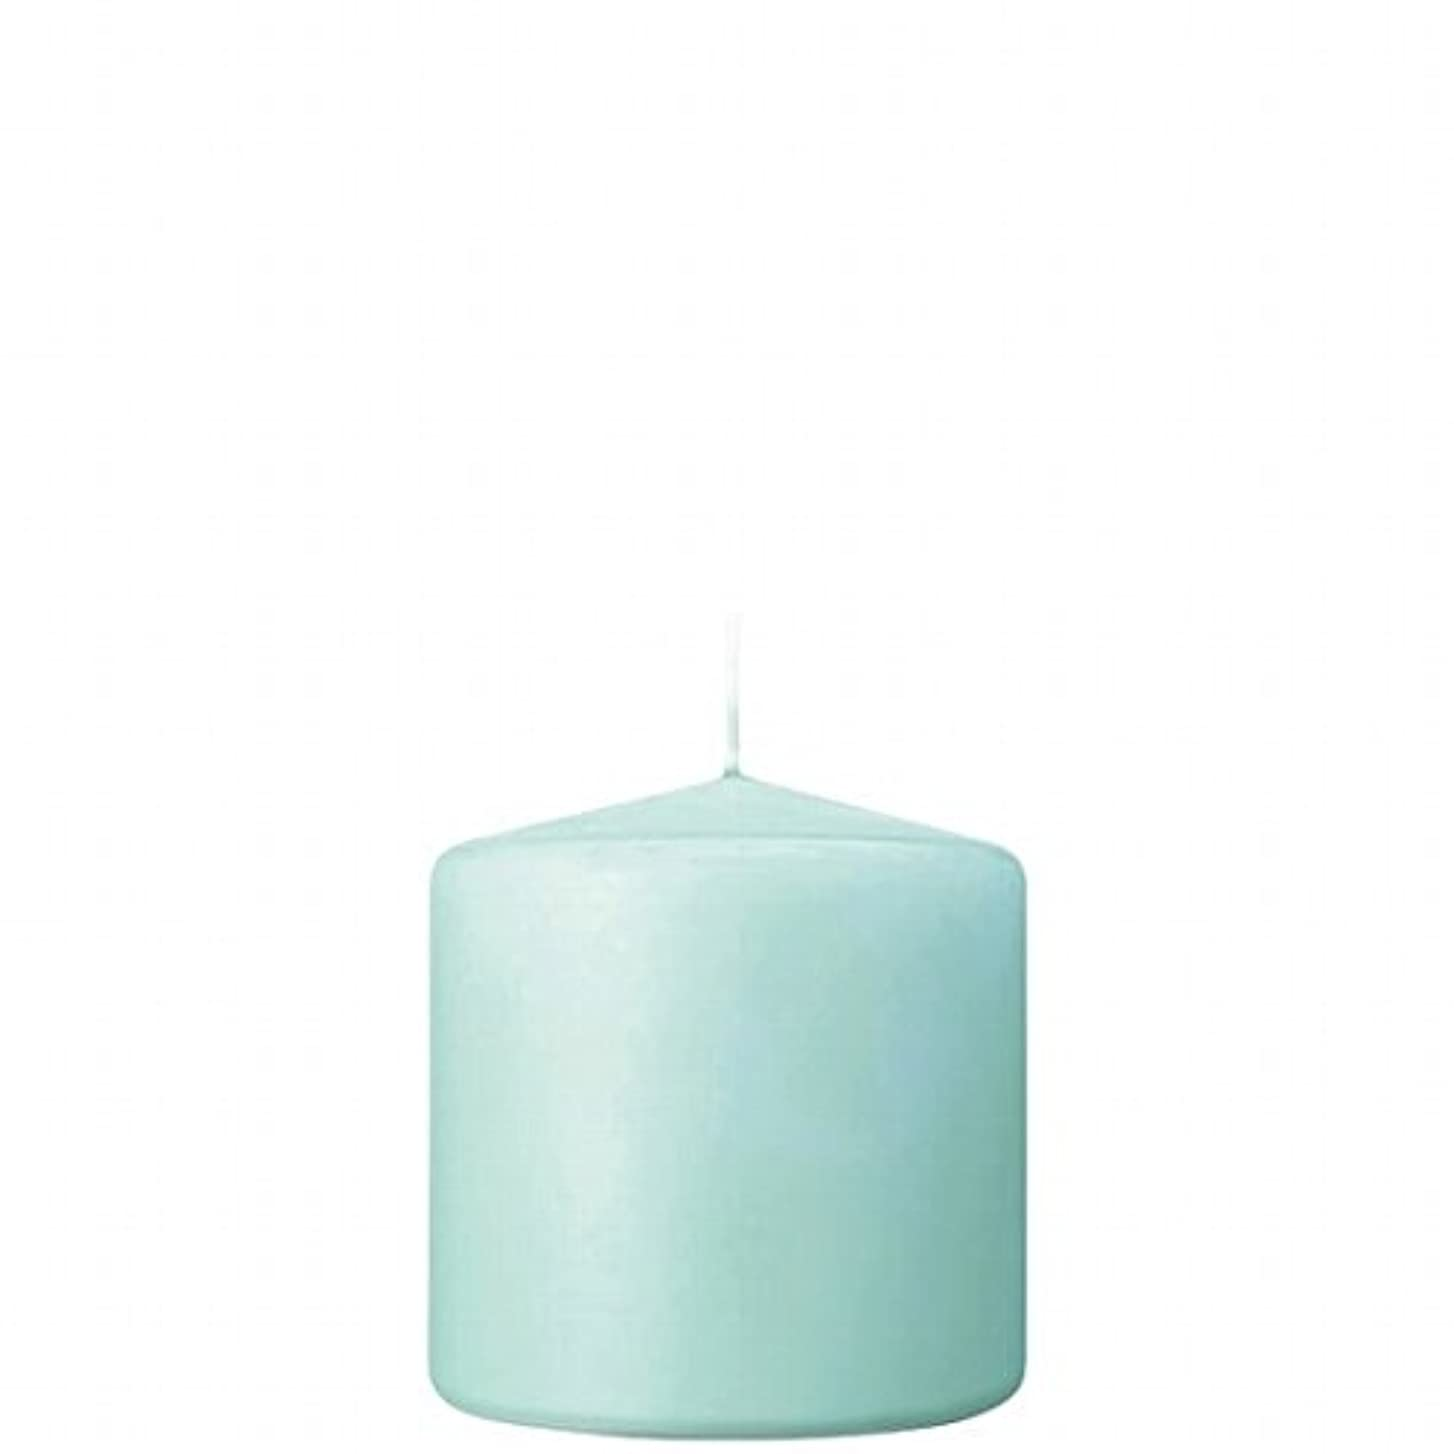 カメヤマキャンドル(kameyama candle) 3×3ベルトップピラーキャンドル 「 ライトブルー 」